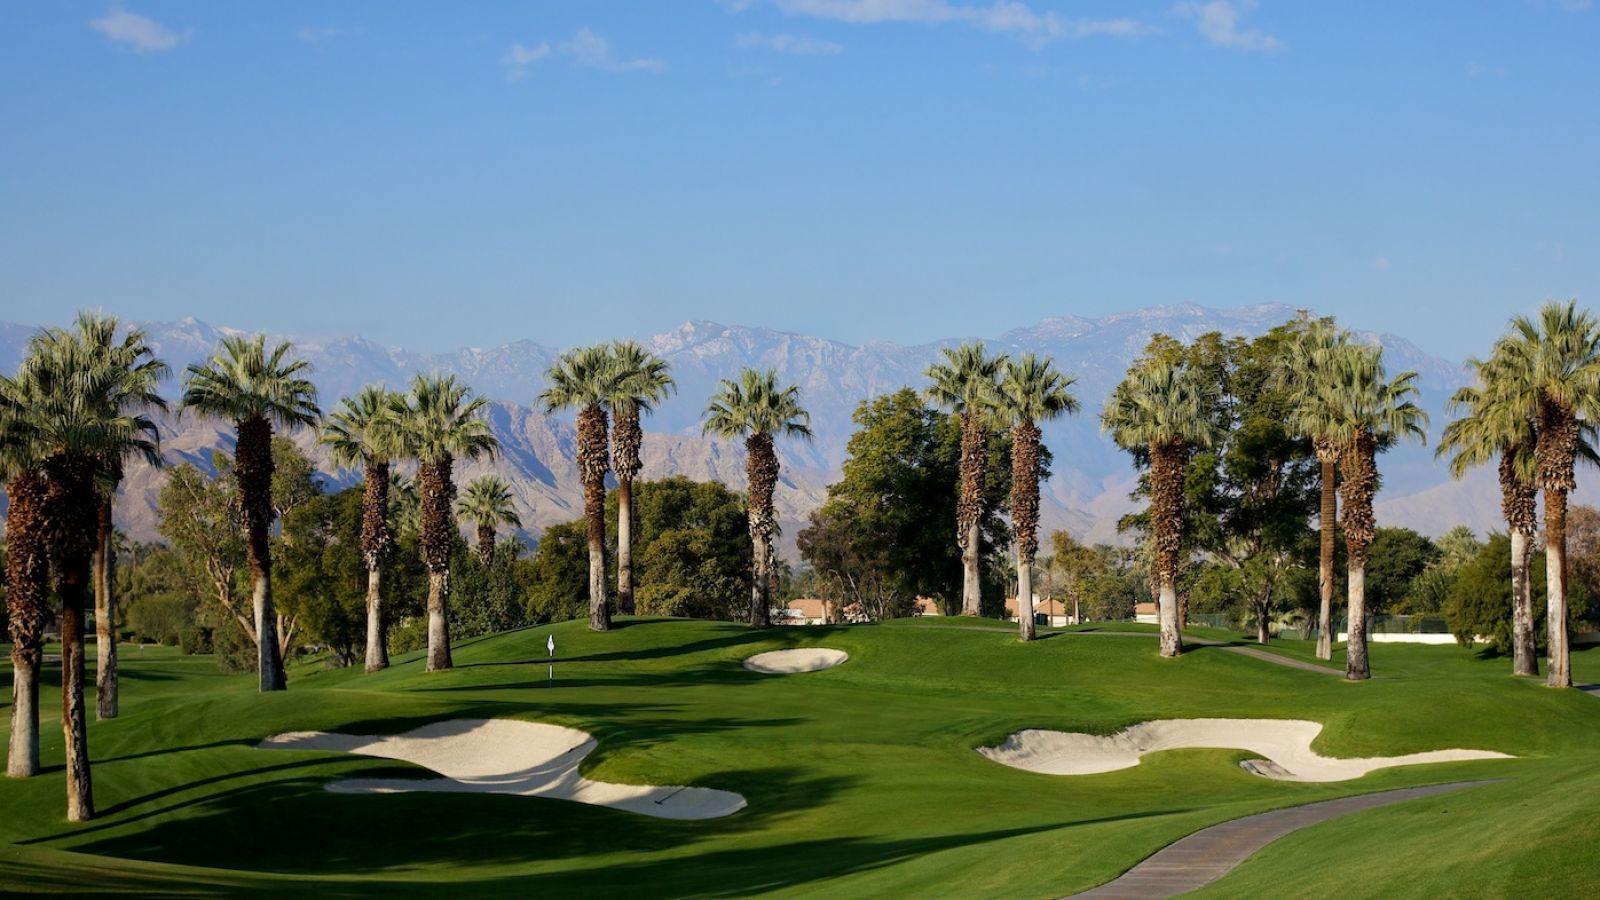 JW Marriott Desert Springs Resort & Spa - Palm Springs golf packages